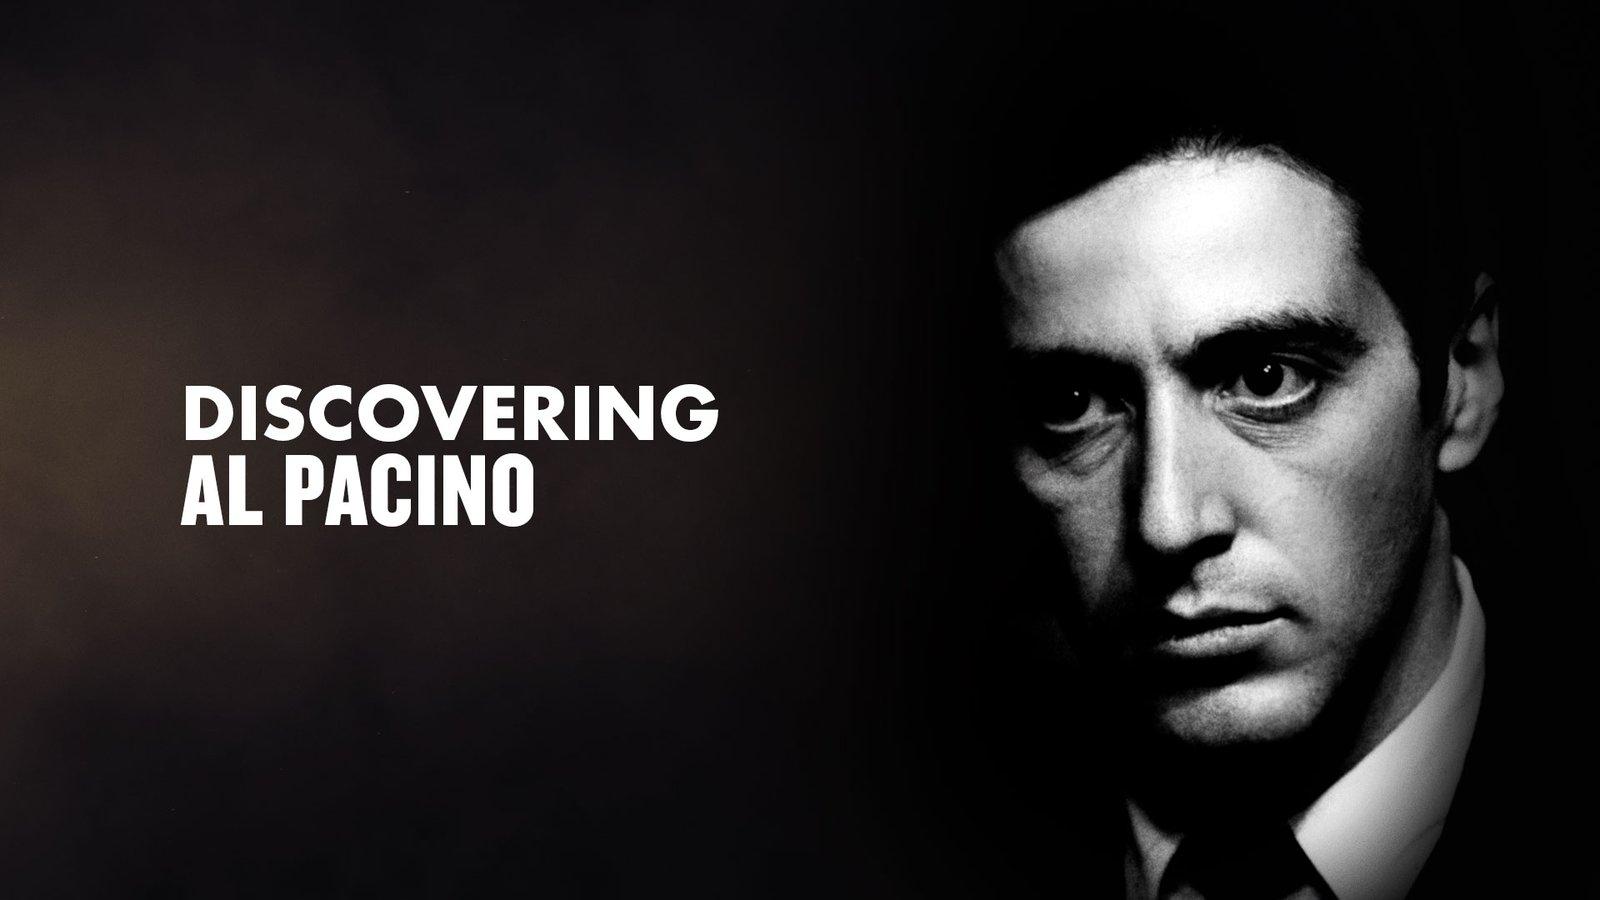 Discovering Al Pacino